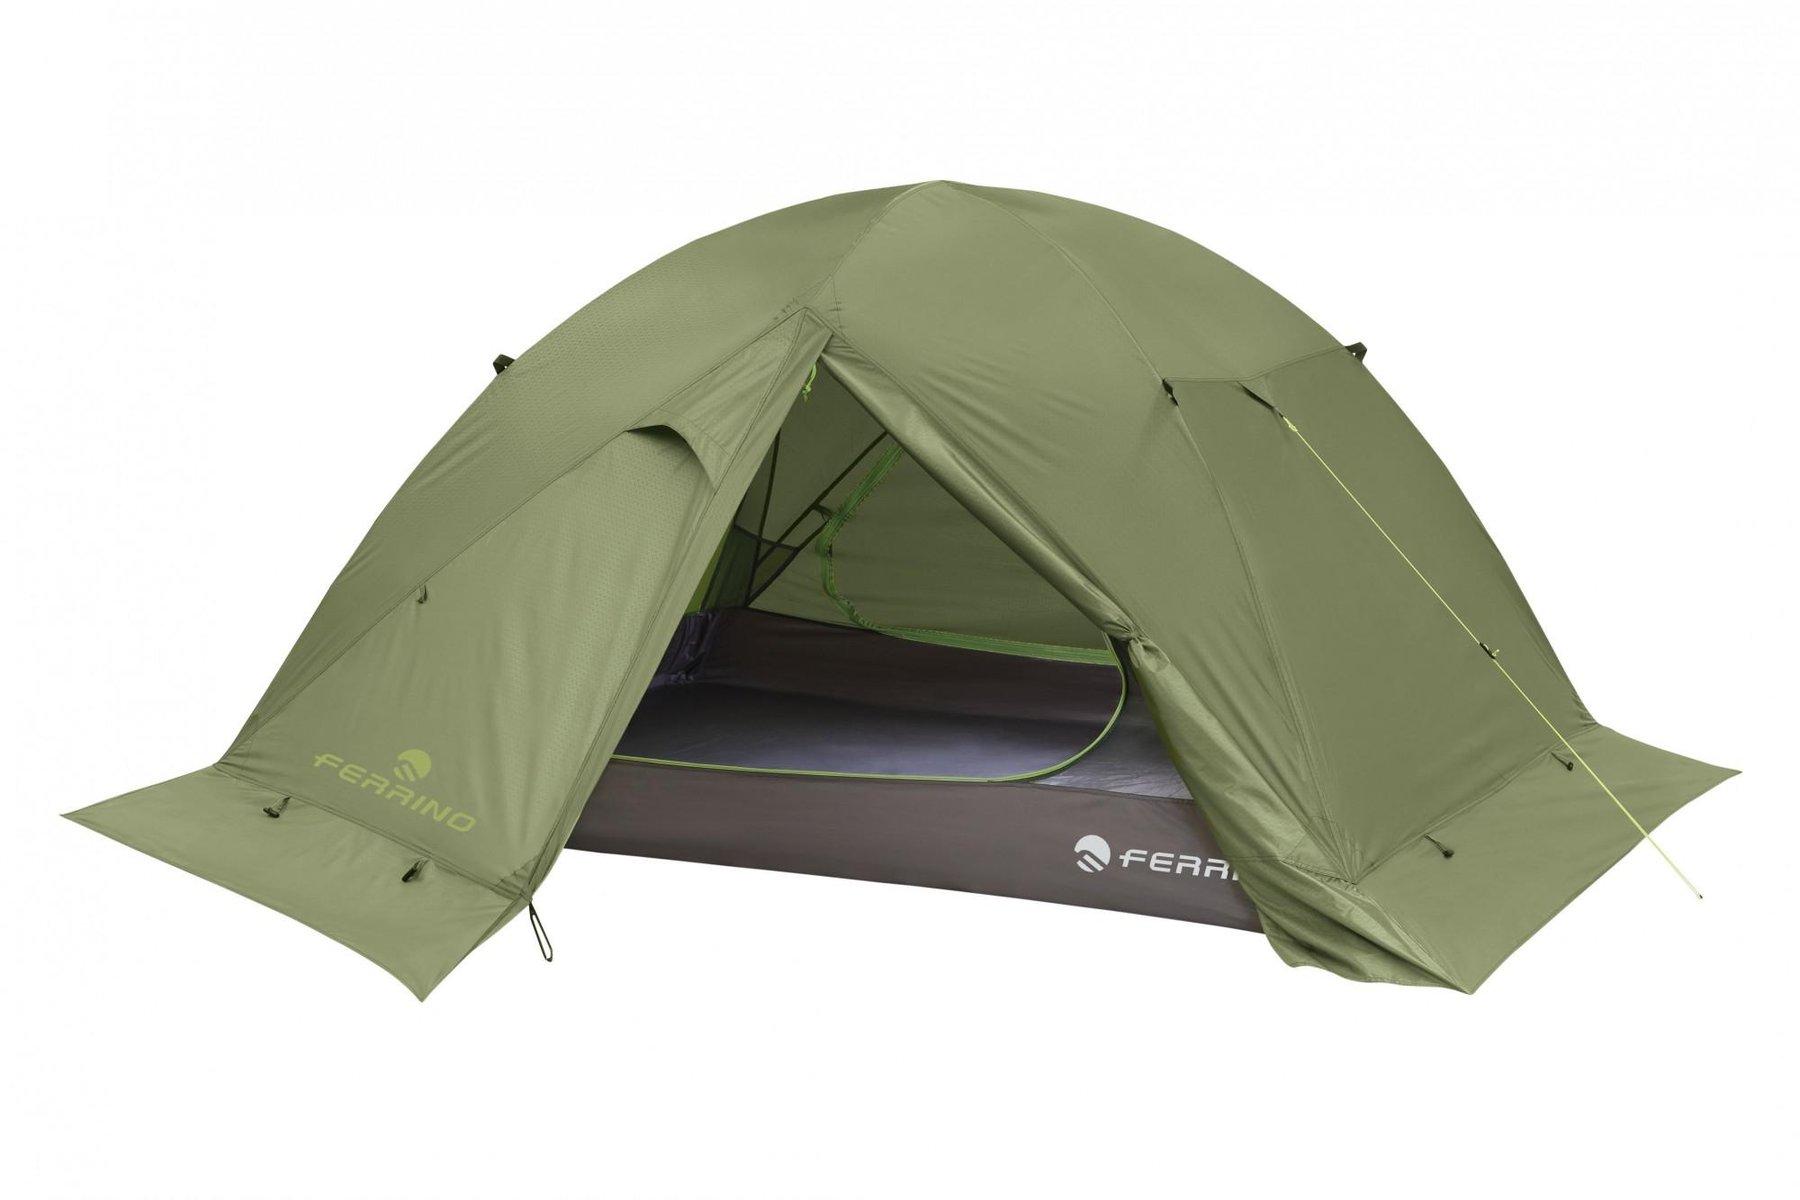 Ein Zelt 3 Personen kaufen? Natürlich bei Obelink!